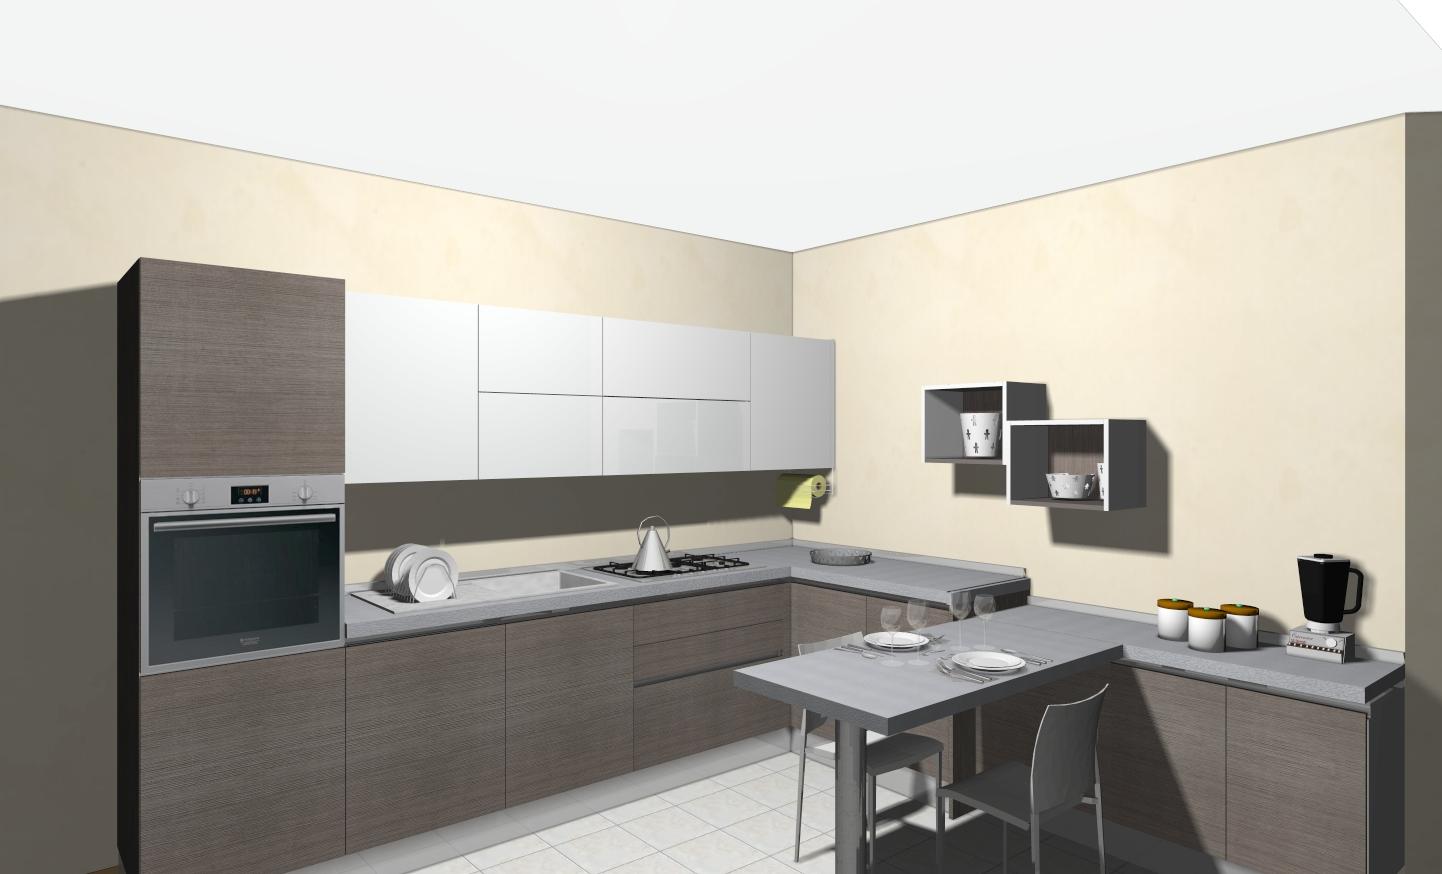 Veneta Cucine Milano | Lissone: Veneta Cucine modello OYSTER e TULIPANO